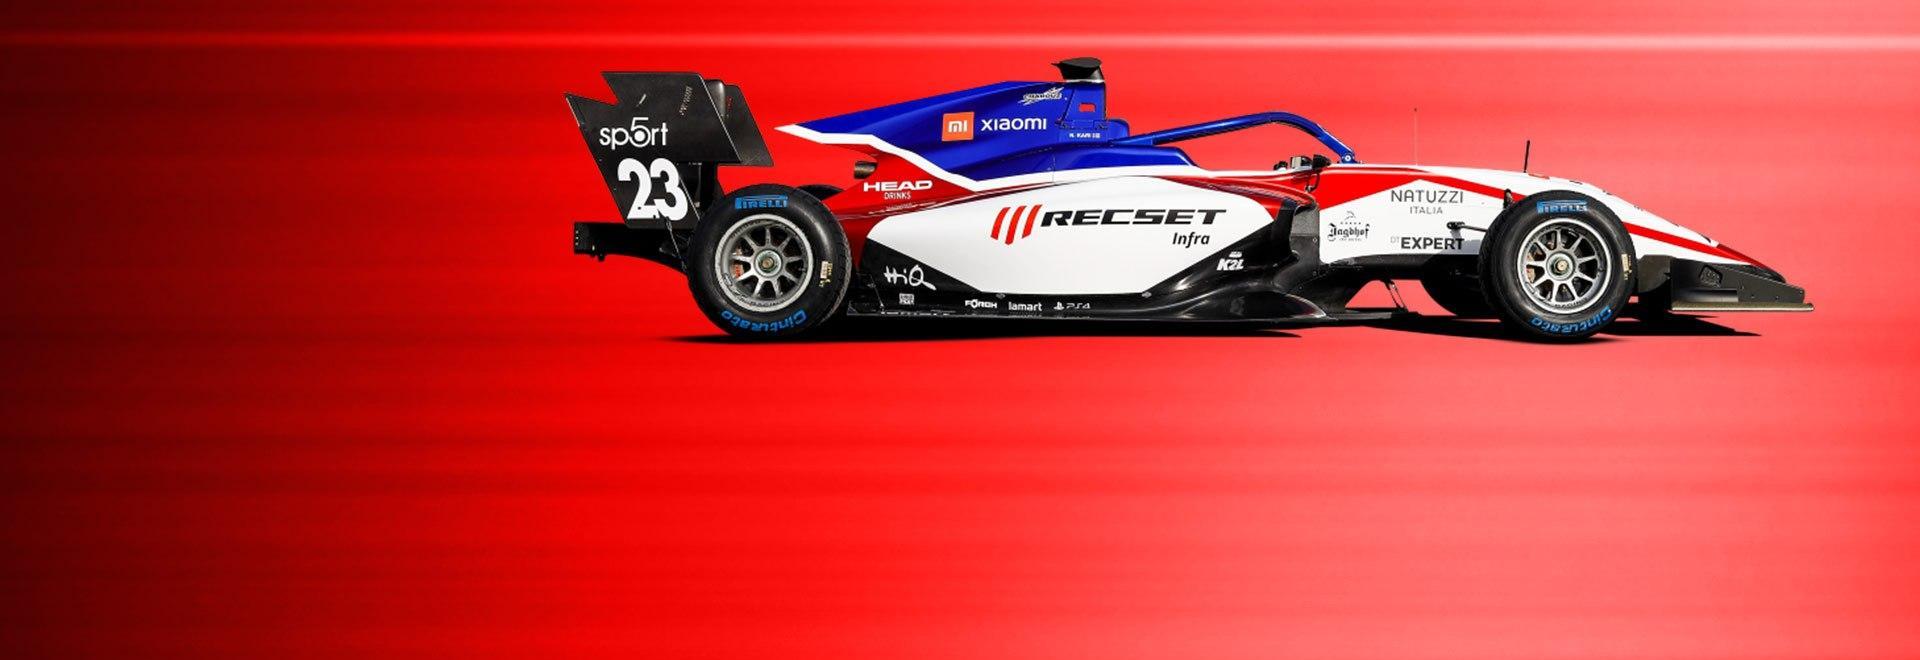 GP Spagna. Gara 3